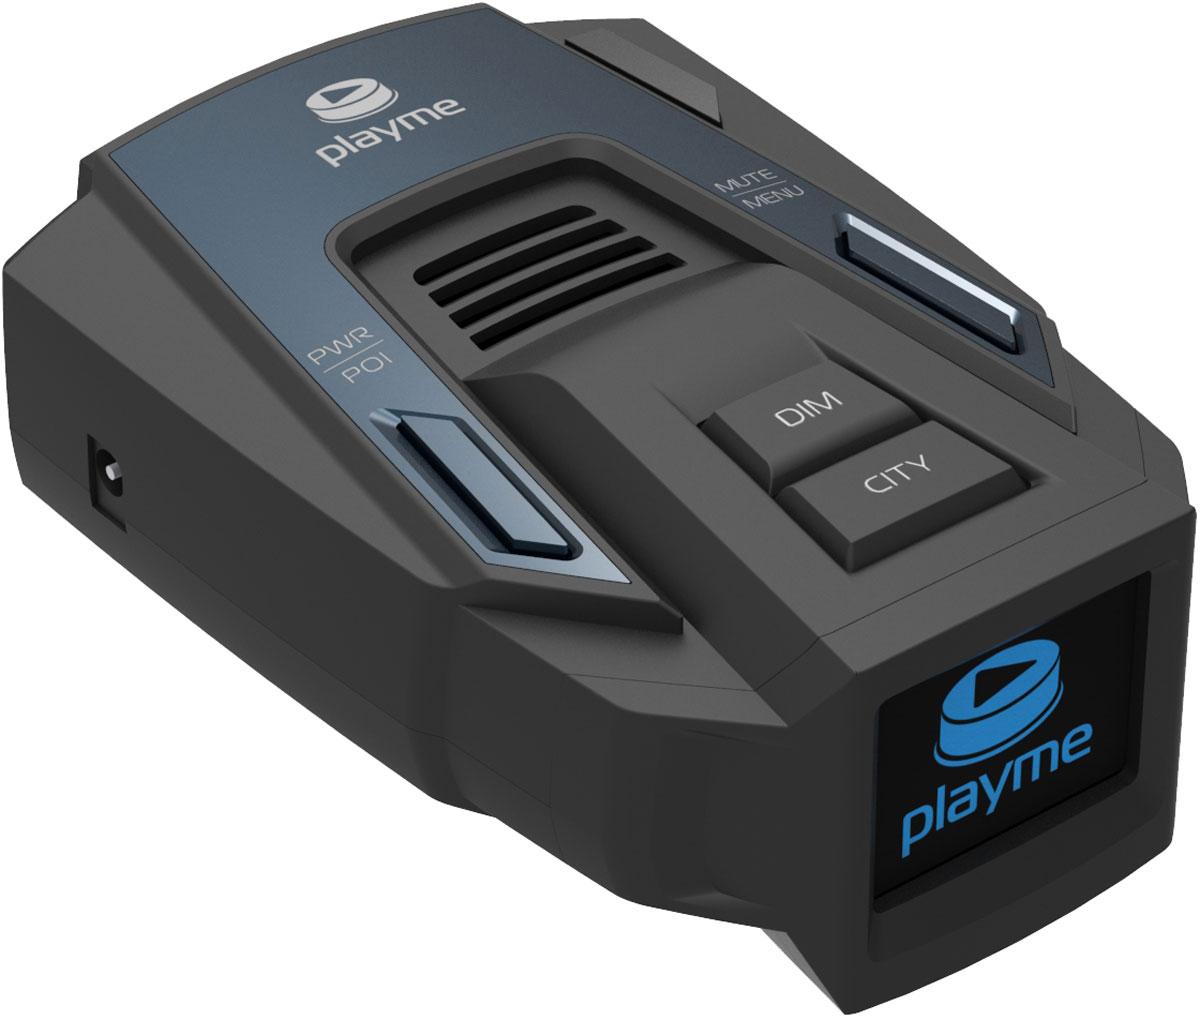 PlayMe Silent радар-детекторPlayMe-SILENTPlayMe Silent точно определяет модели радаров, игнорируя «ложные» излучатели. На премиальном дисплее выводится информация о скорости, расстоянии до камеры и ее модели. Диагональ монитора — 1,5 дюйма, а сигналы дублируются голосом. Данный радар-детектор адаптирован для использования в городских условиях, где общий уровень сигналов и возможность ложных срабатываний многократно возрастает. Отключение отдельных диапазонов Тип дисплея: OLED Защита от ложных срабатываний Сохранение настроек Спектральная чувствительность: 800 - 1100 нм Рабочая температура: -20°C - +70°C